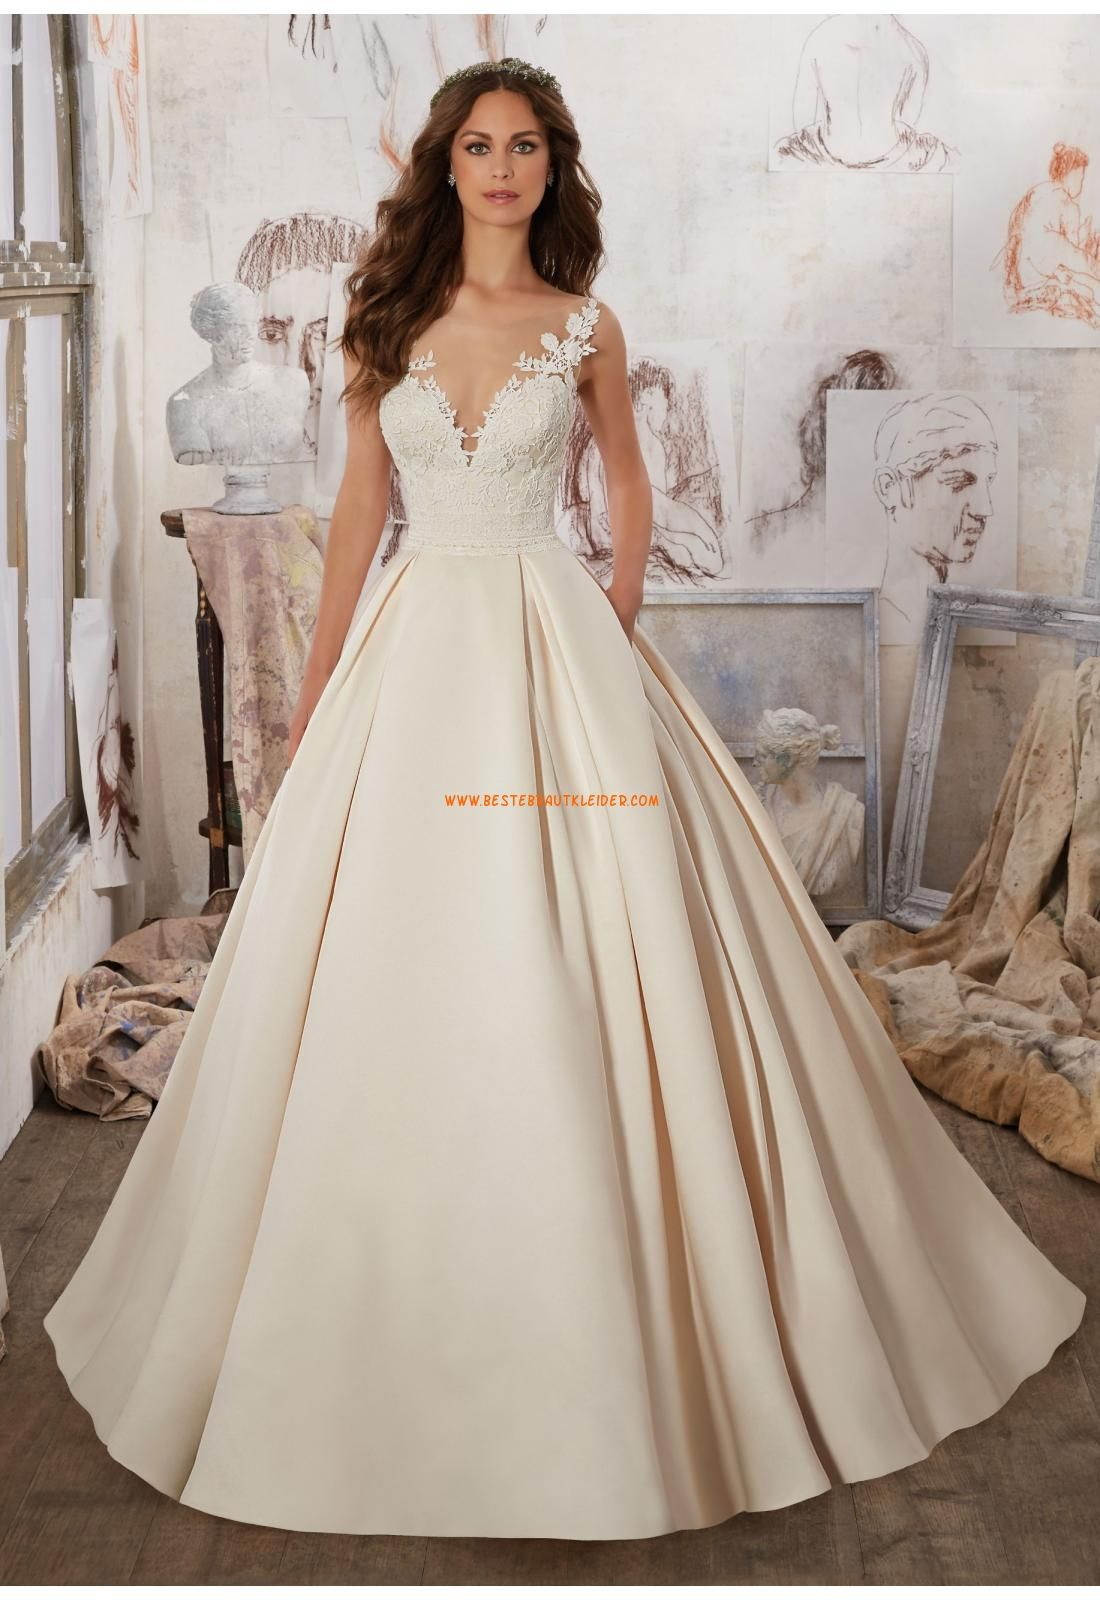 A-linie Exklusive Moderne Brautkleider aus Satin mit Schleppe